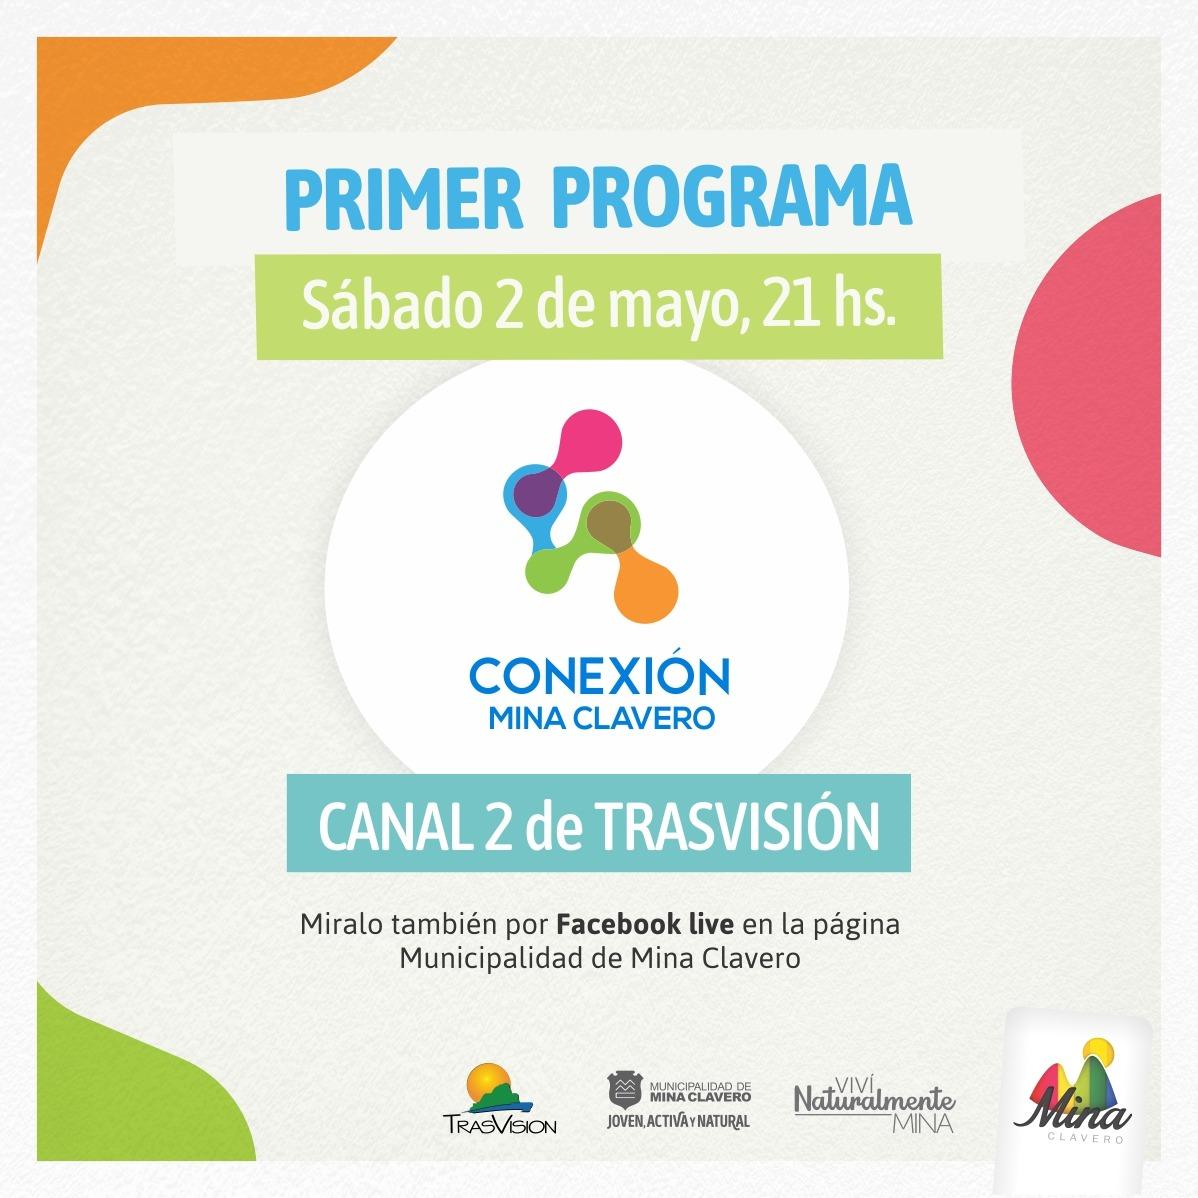 Conexión Mina Clavero: la nueva propuesta cultural y turística en la TV local